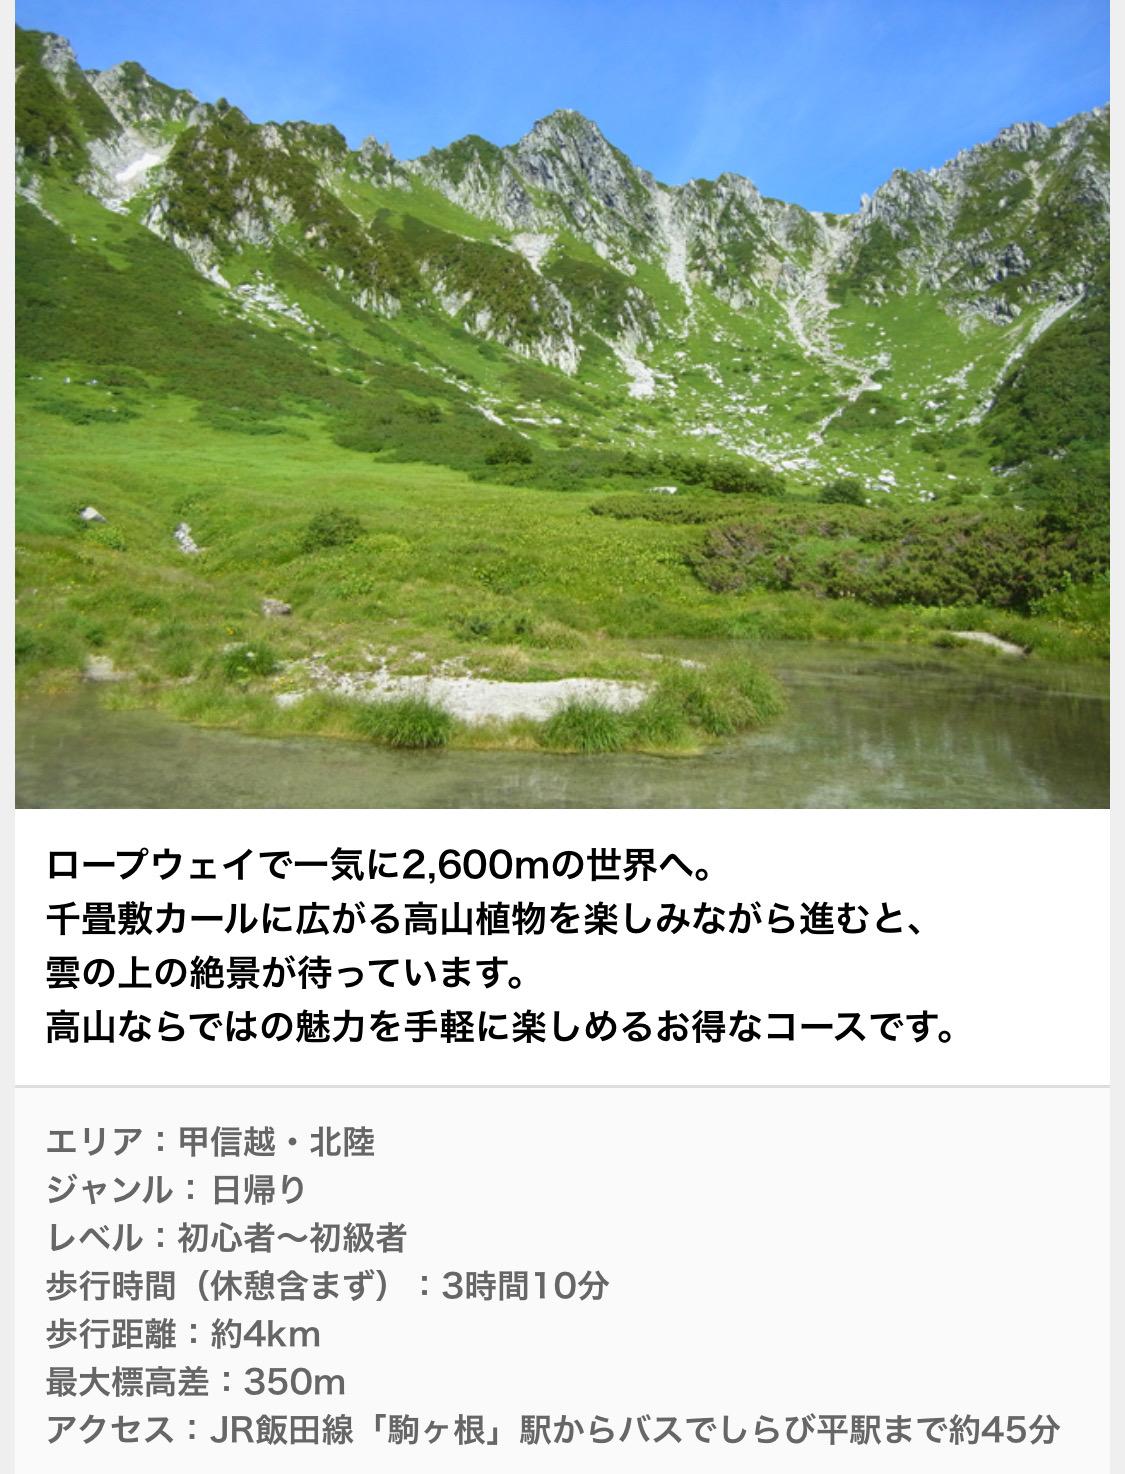 初登山は木曽駒ヶ岳!